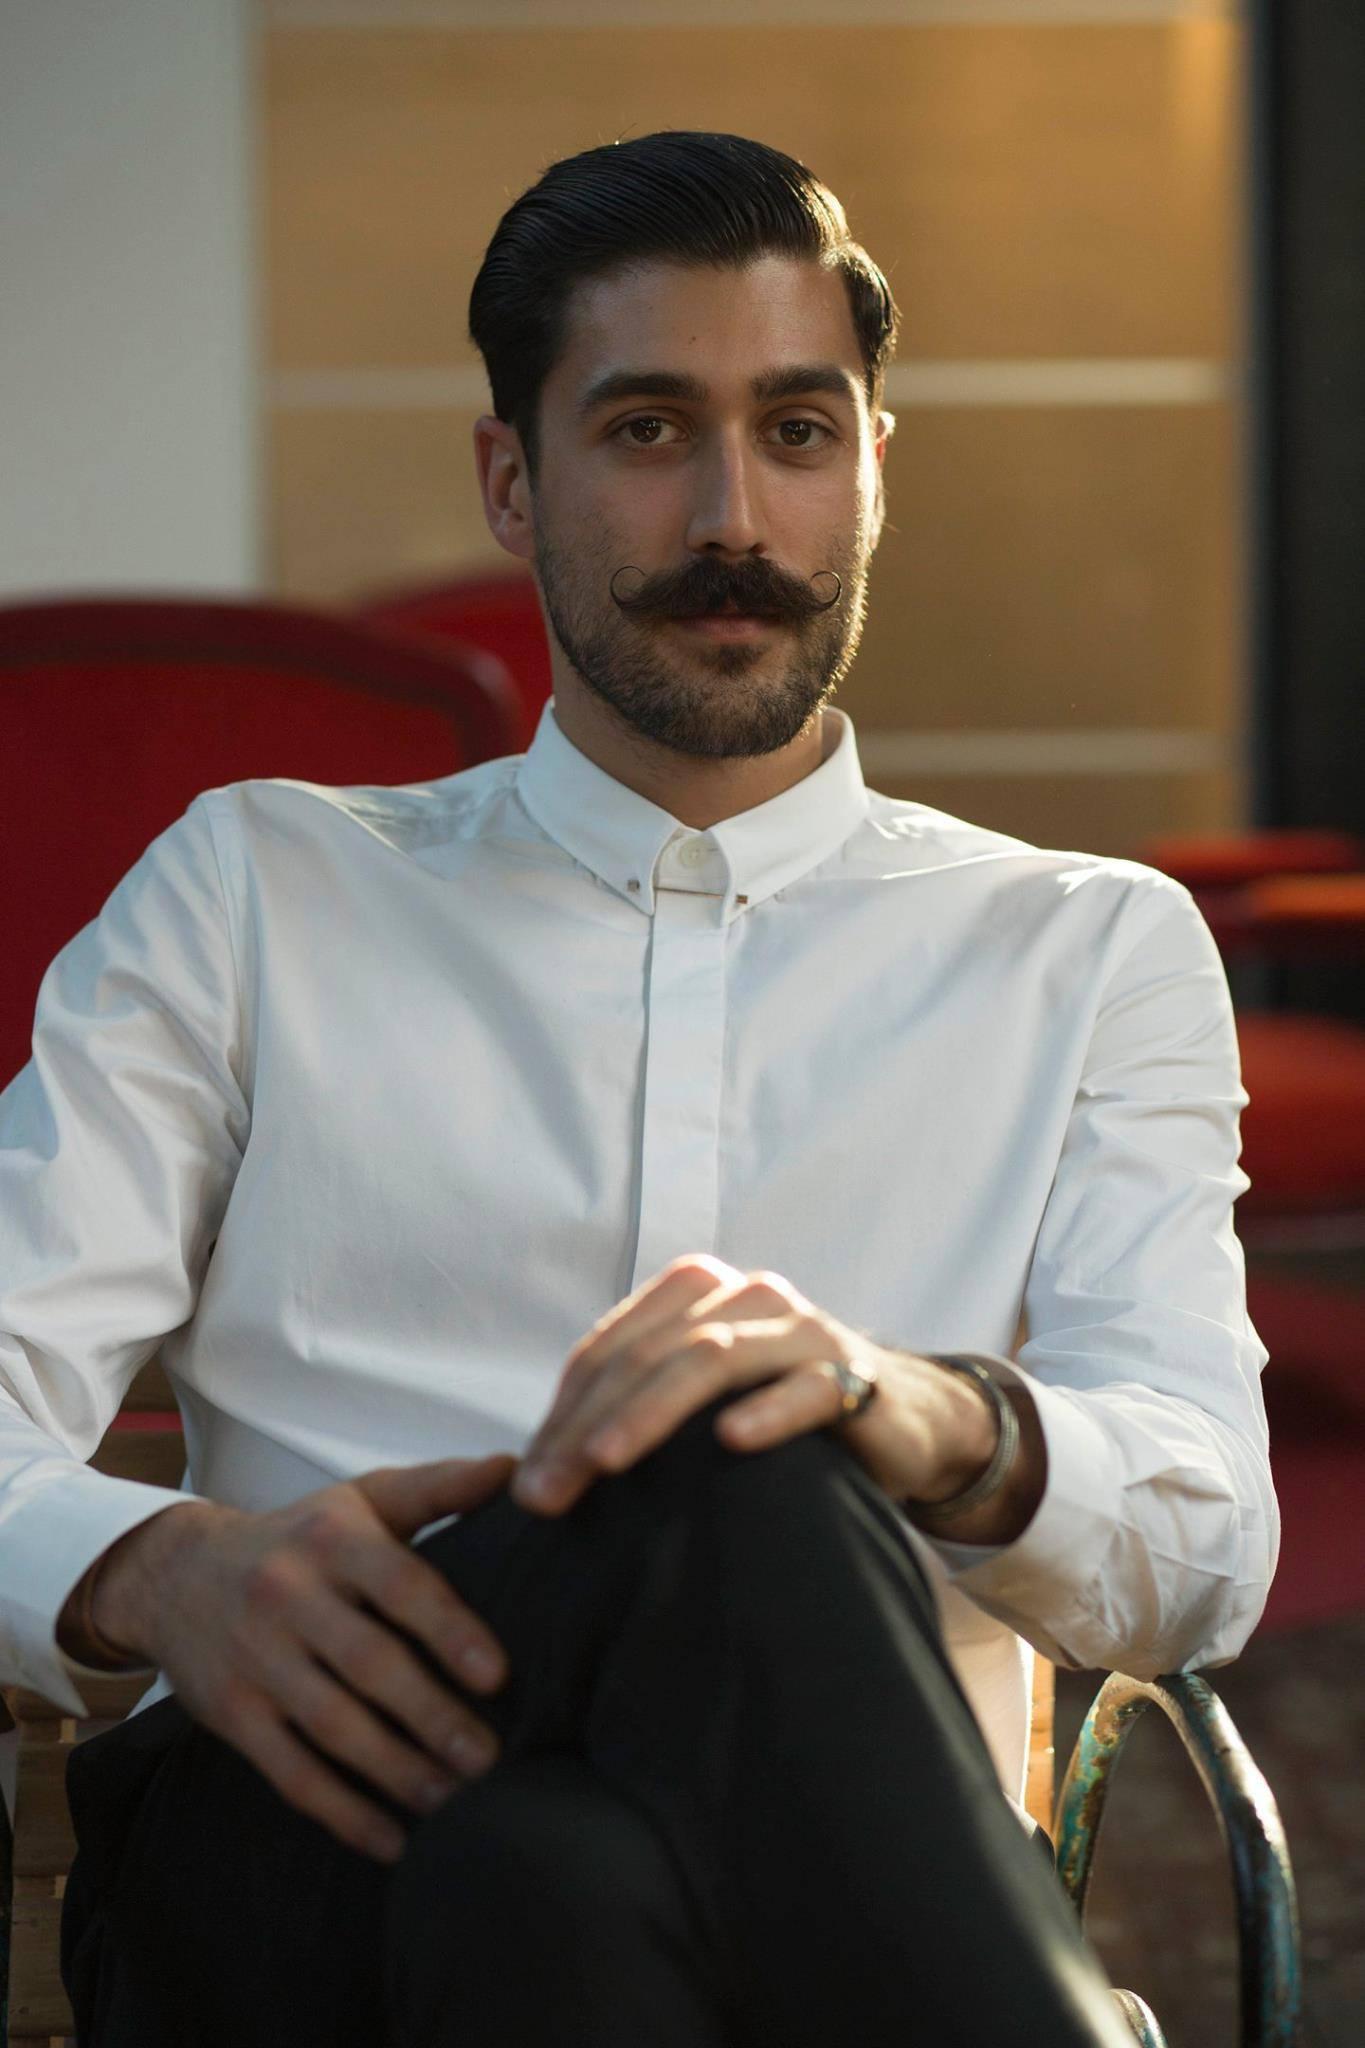 Nikola Spadina     User Experience Designer, Woolworths